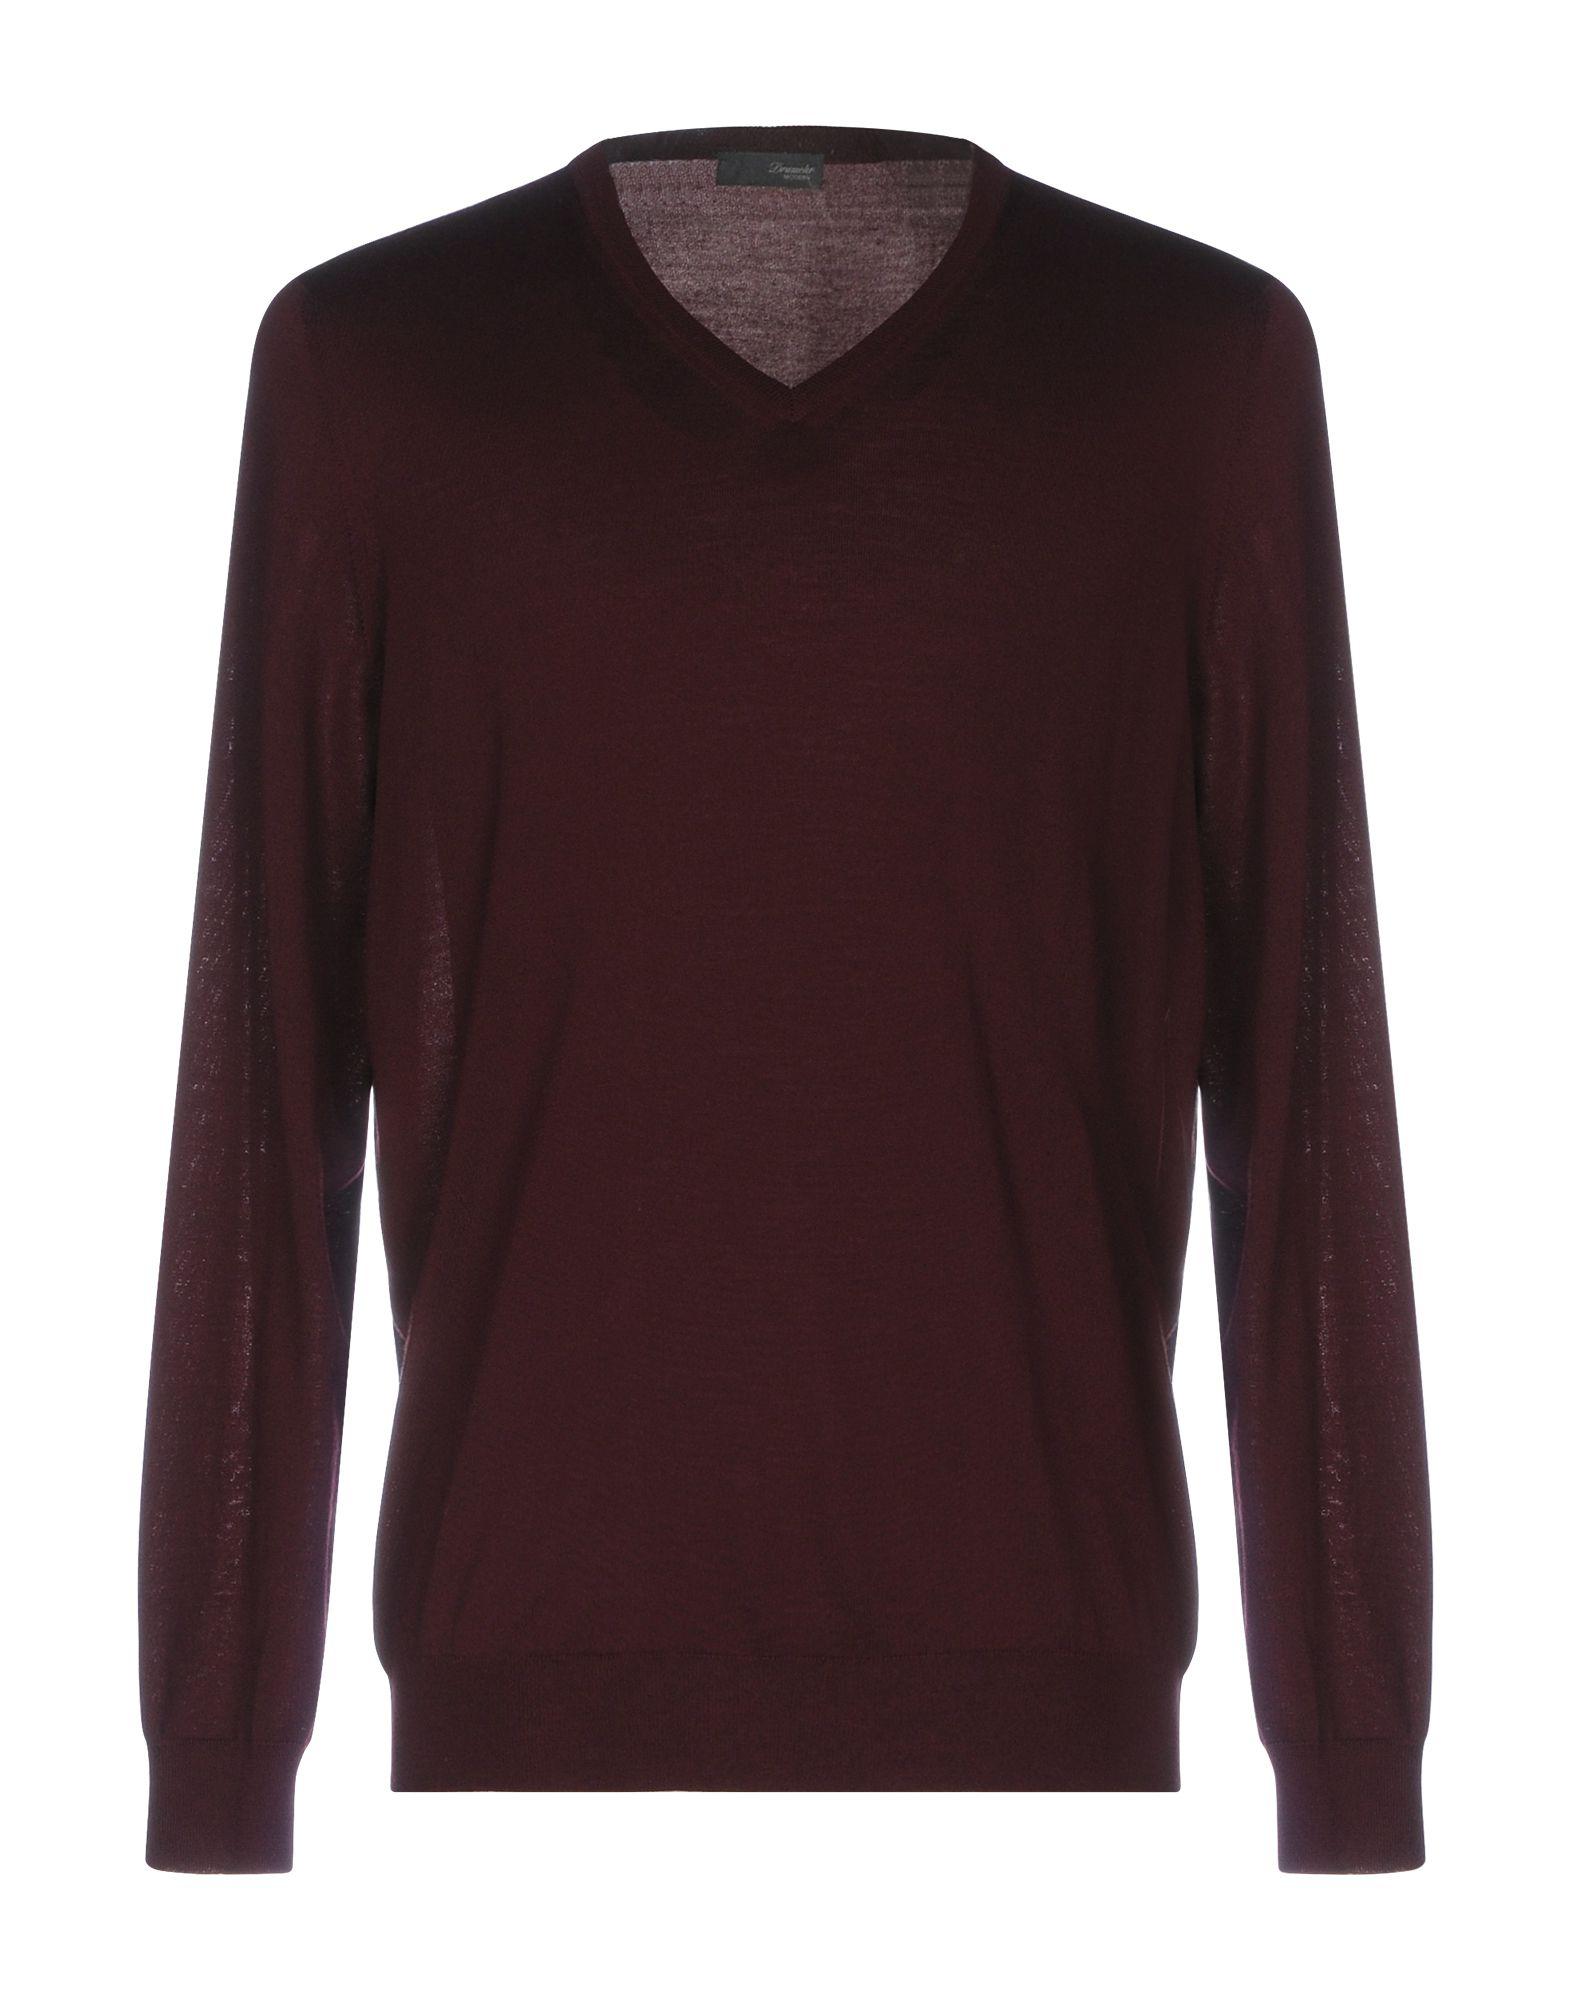 DRUMOHR Herren Pullover Farbe Bordeaux Größe 7 jetztbilligerkaufen